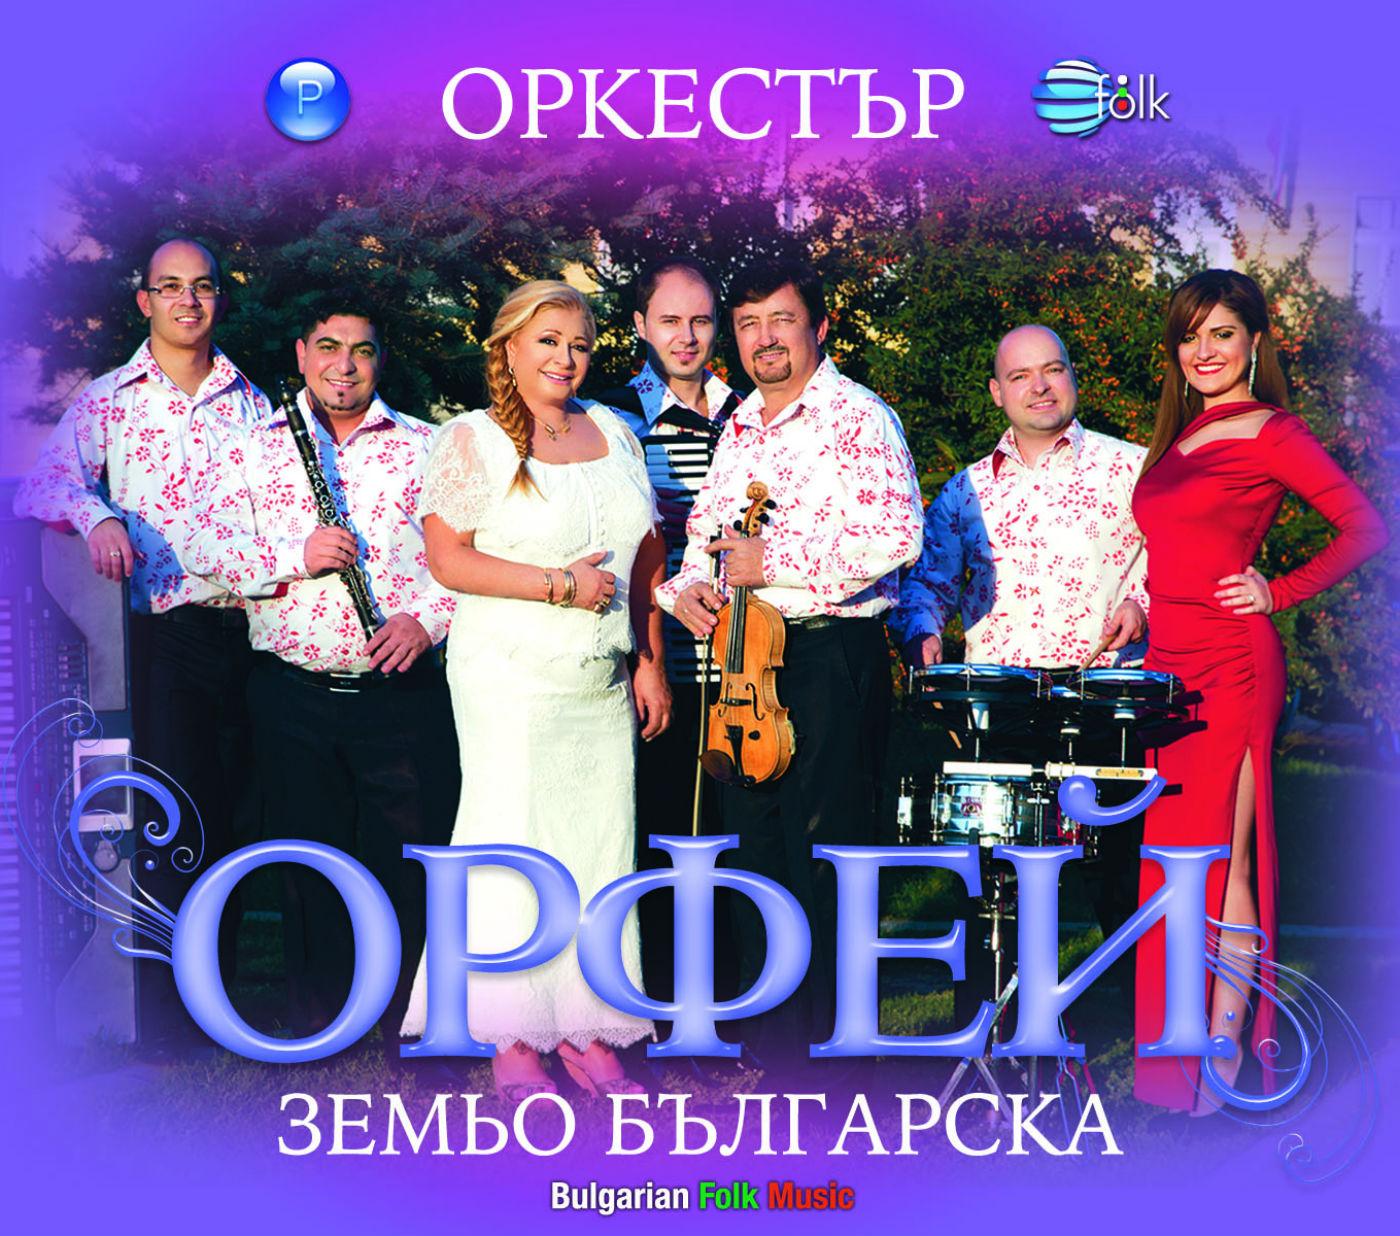 """Оркестър """"Орфей"""" с пореден албум"""